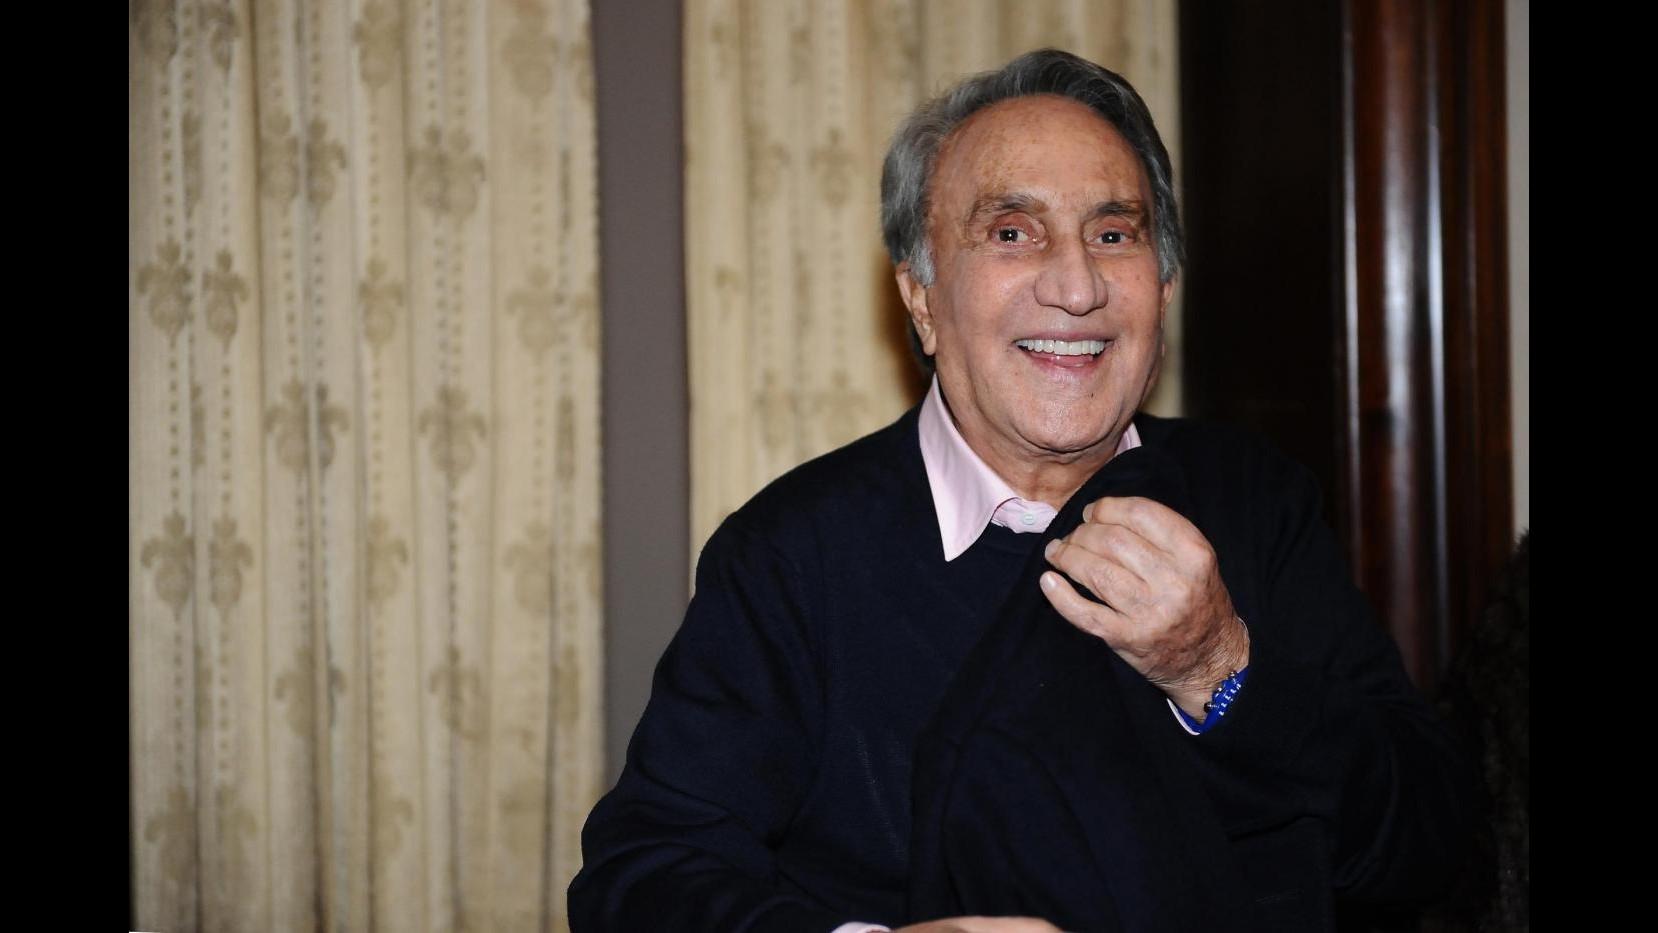 Milano, il pm presenta al gip la richiesta di rinvio a giudizio per Emilio Fede